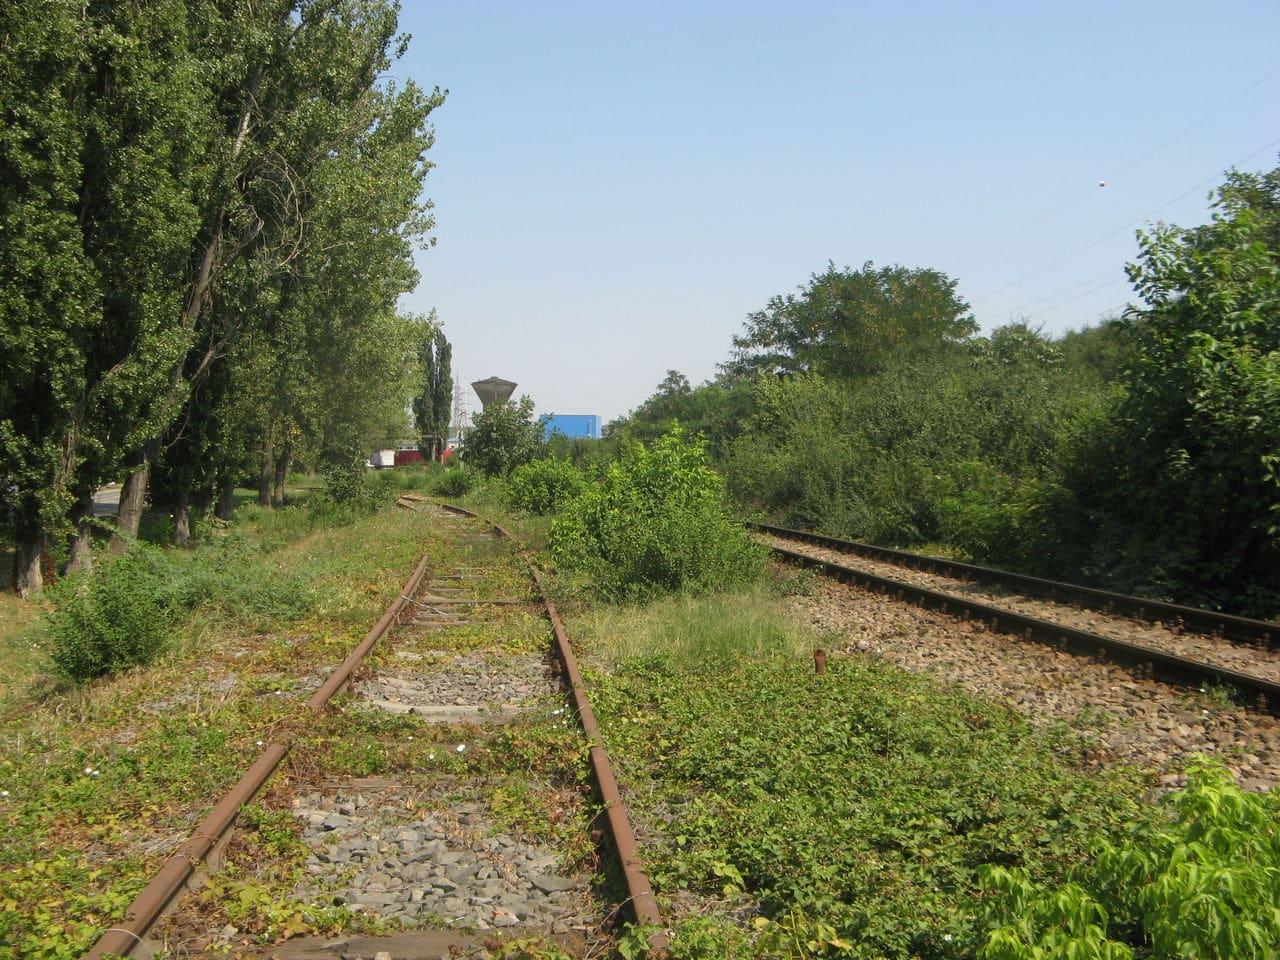 Calea ferată directă Oradea Vest - Episcopia Bihor IMG_0034